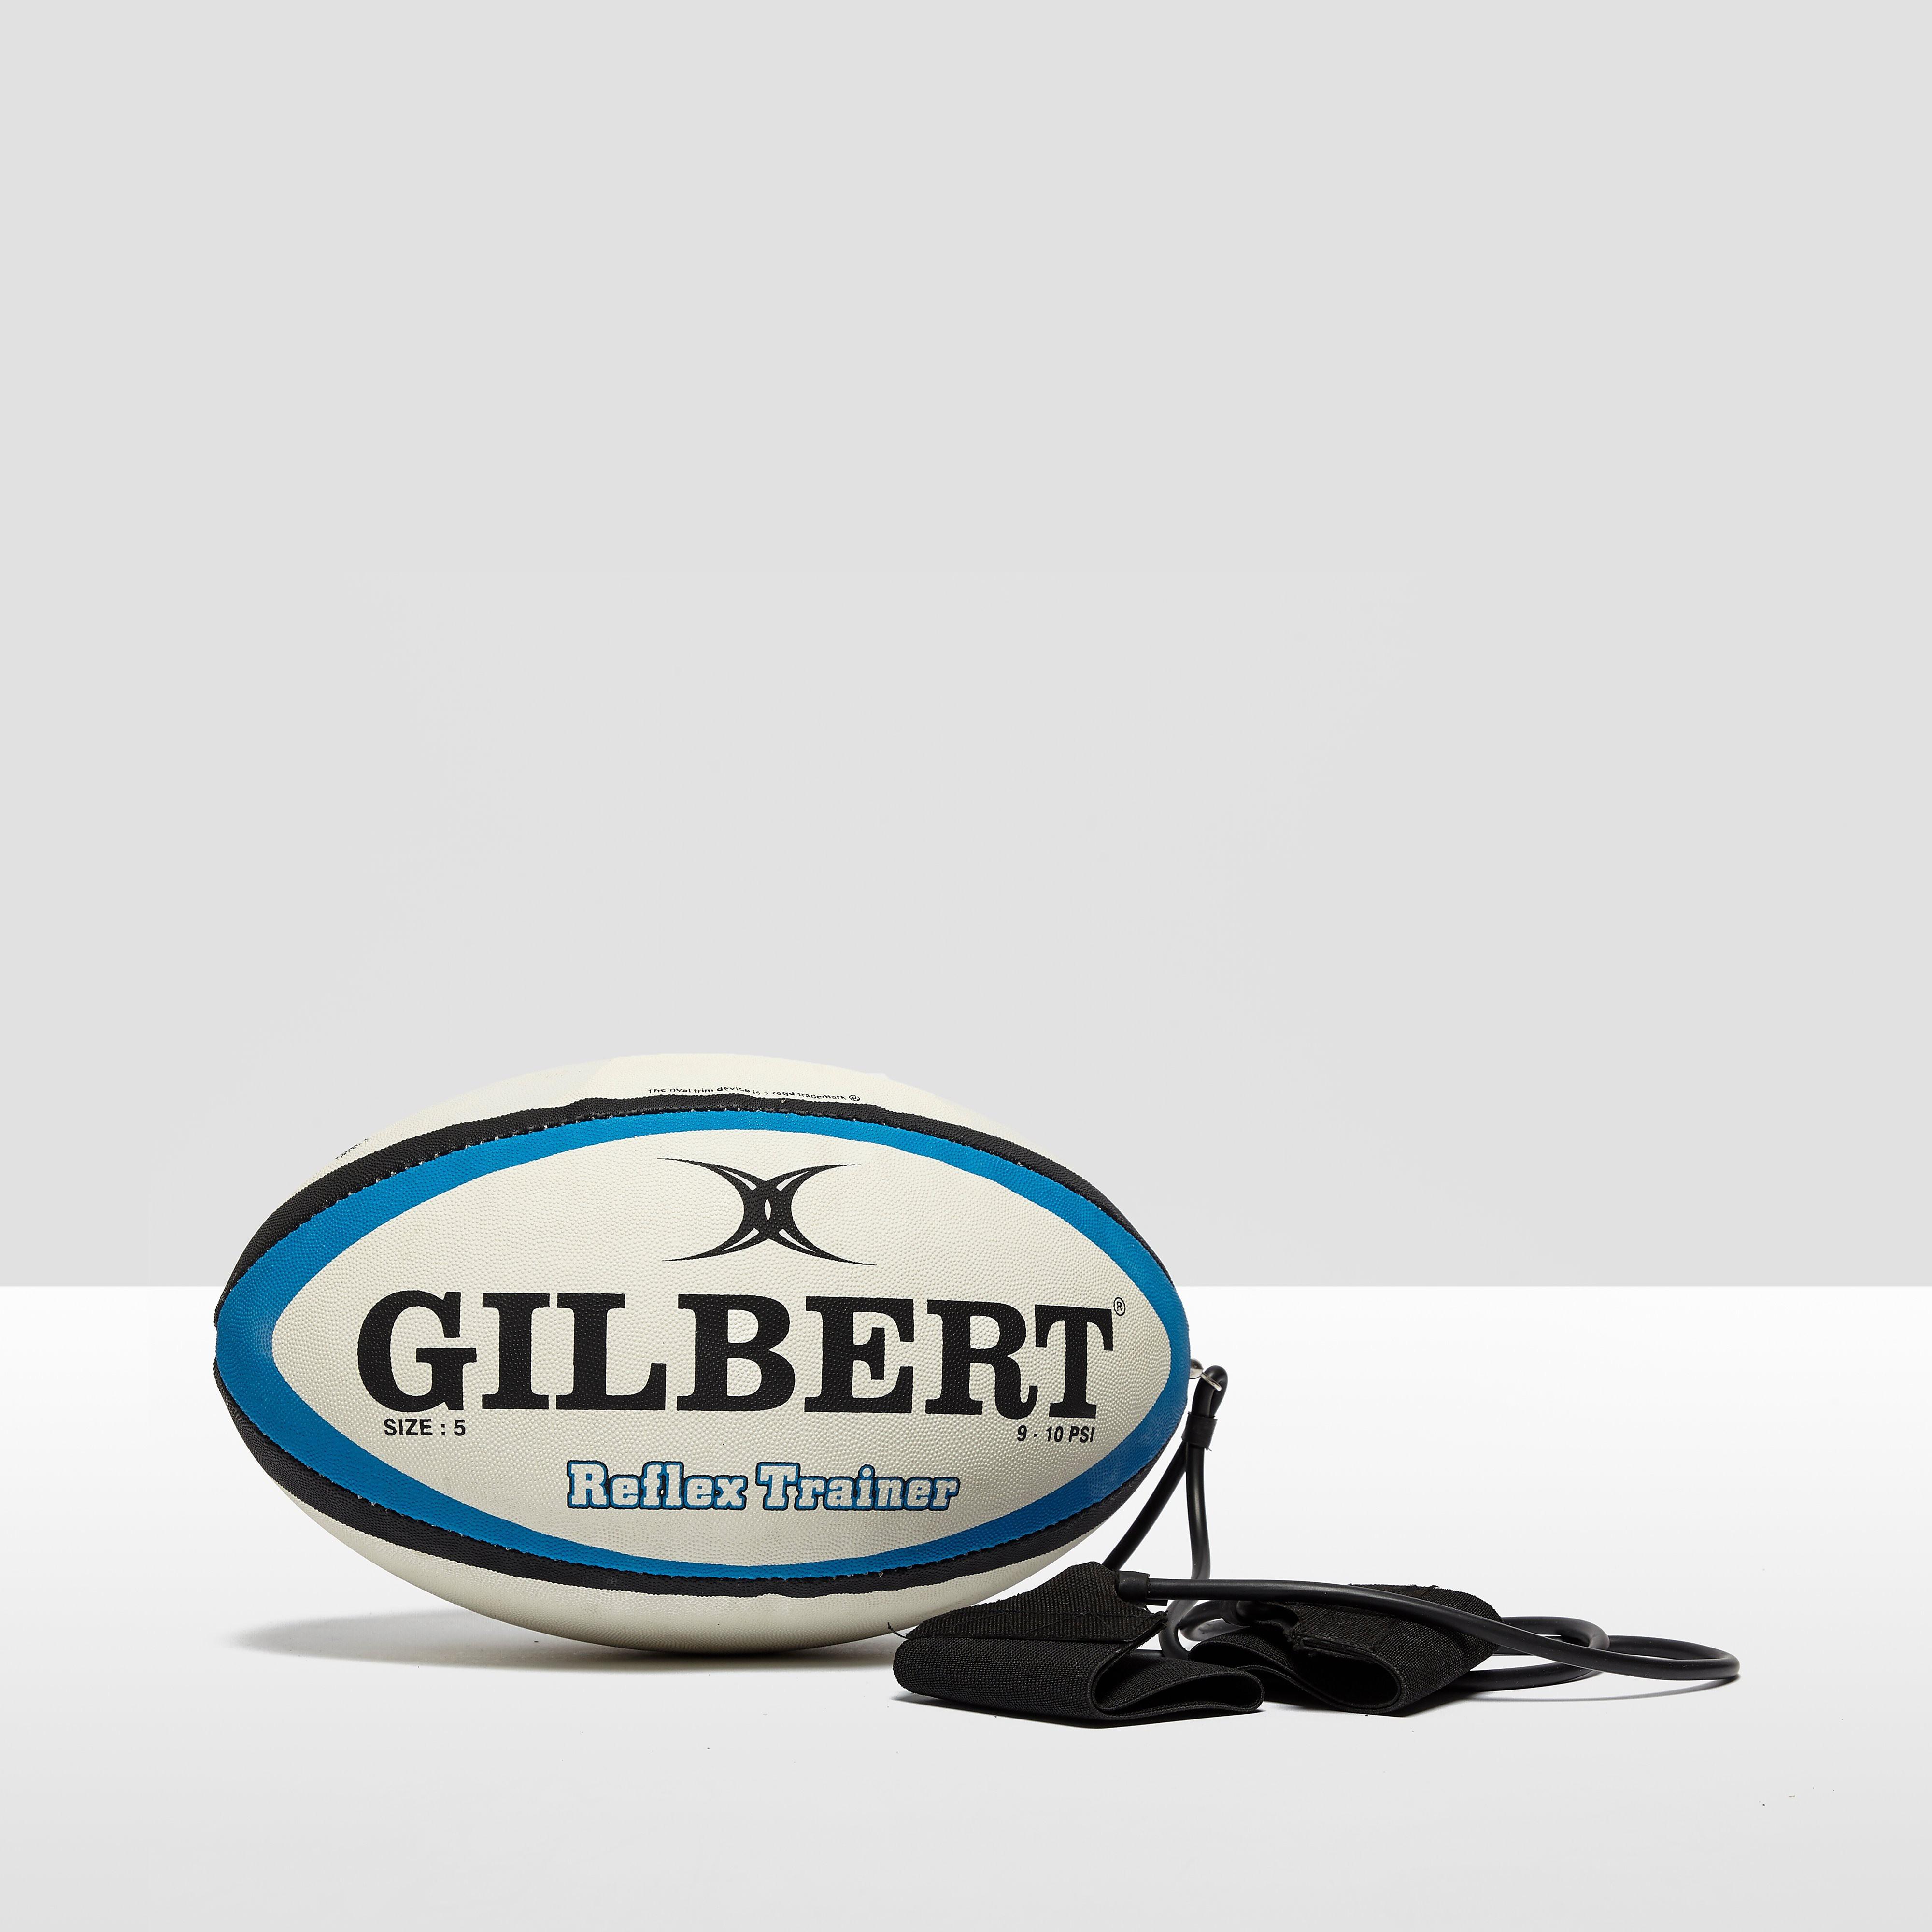 Gilbert Reflex Trainer Rugby Ball